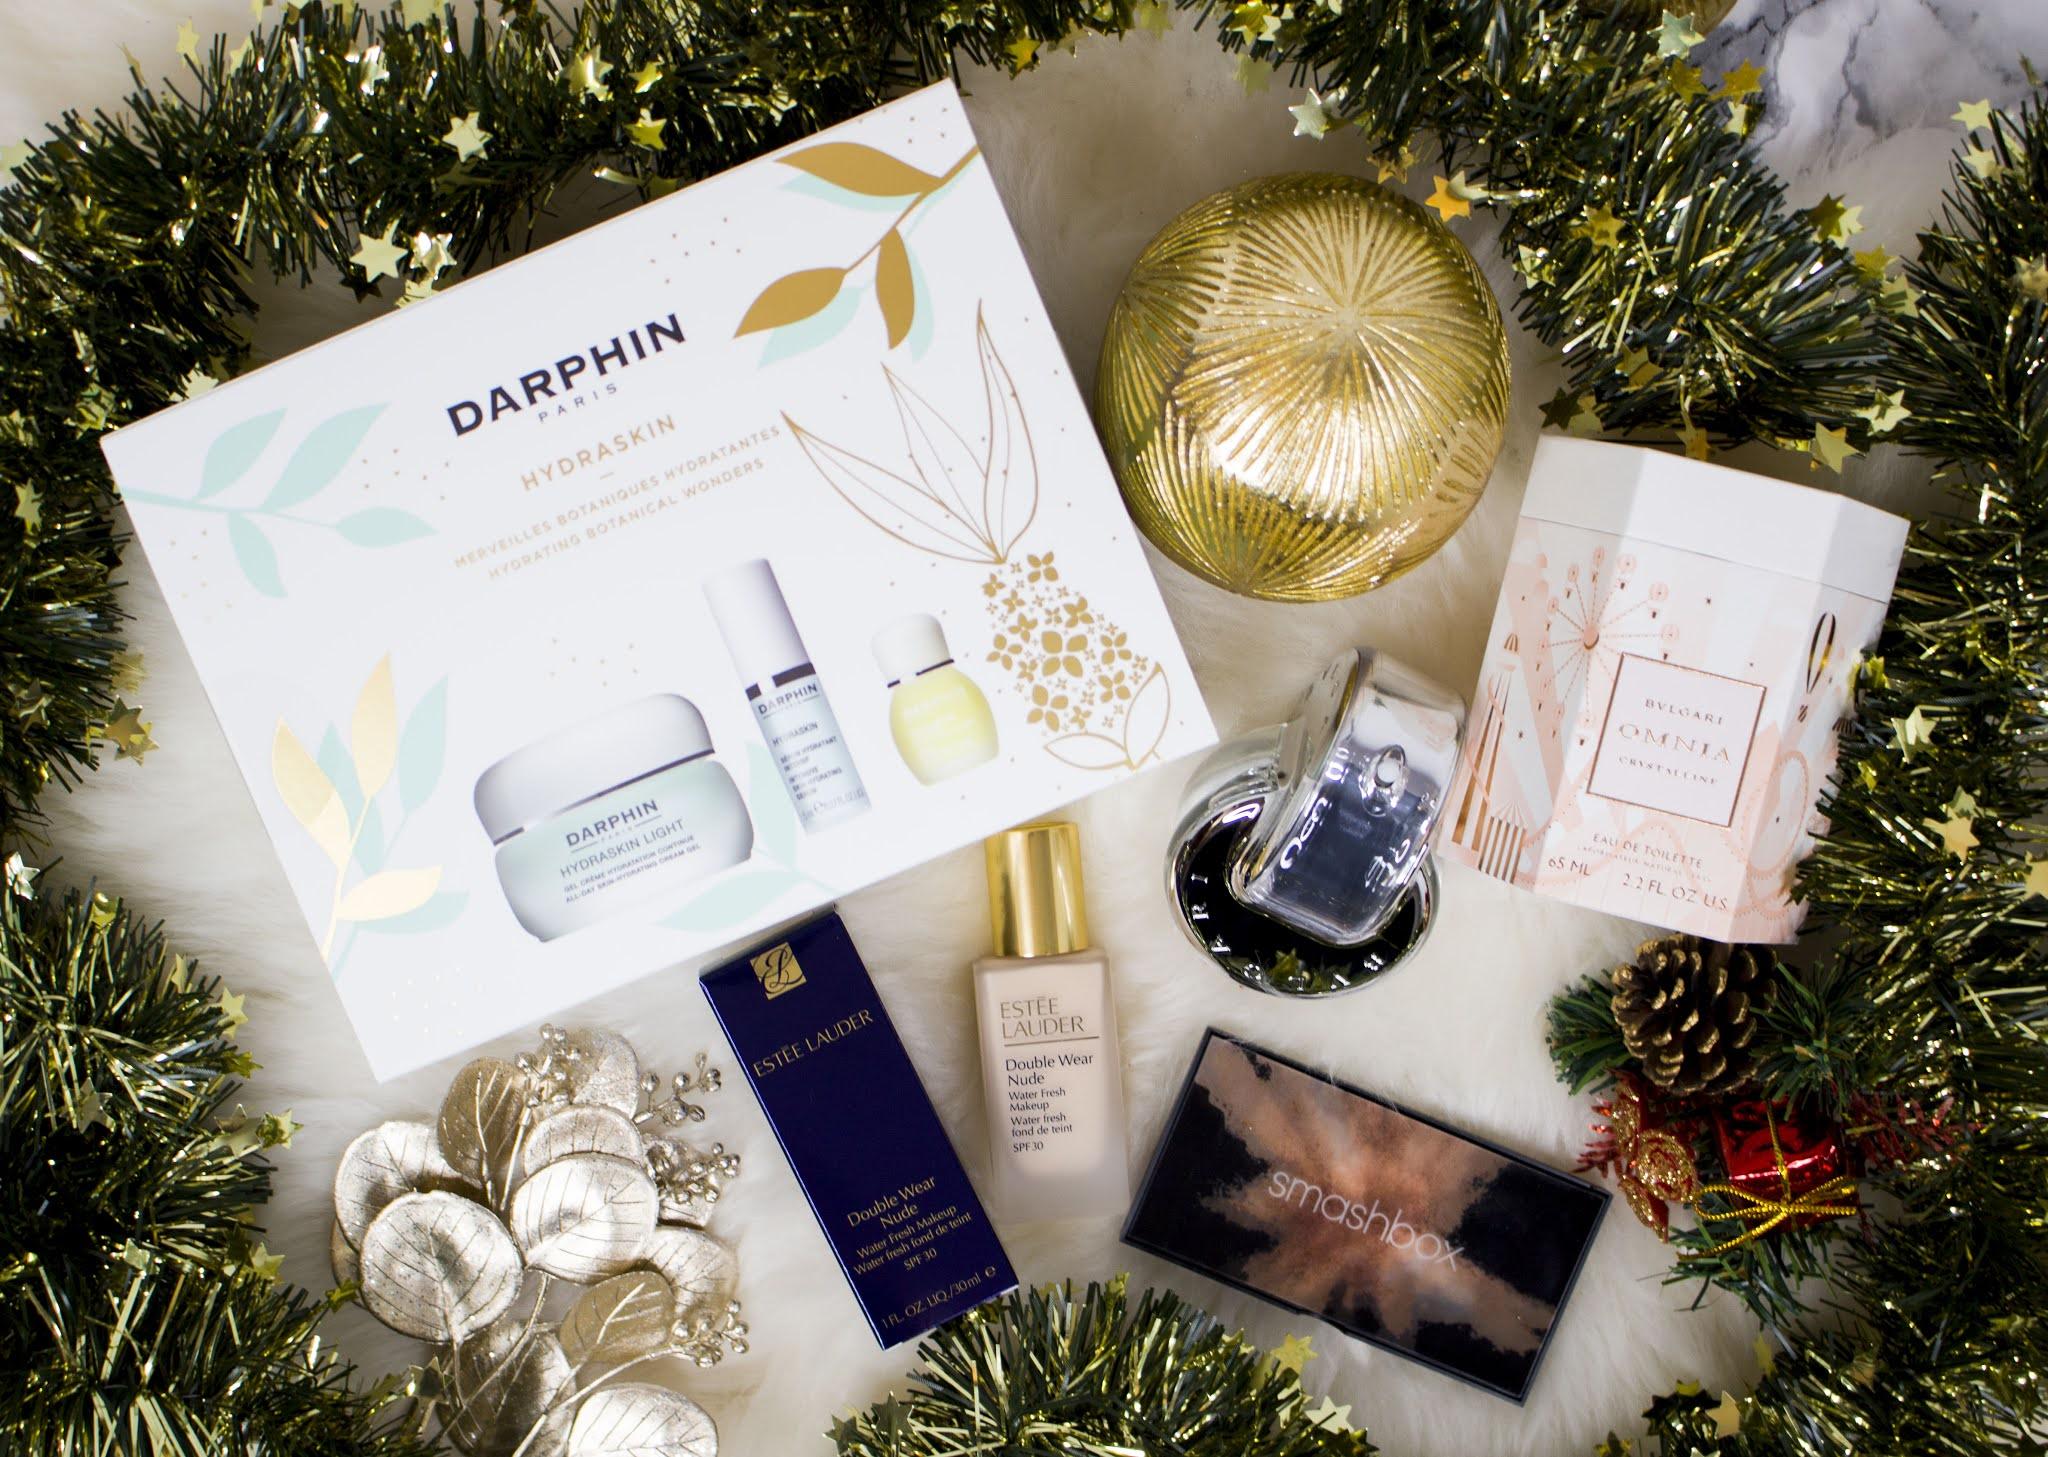 ideen für geschenke zu weihnachten empfehlungen für beauty produkte